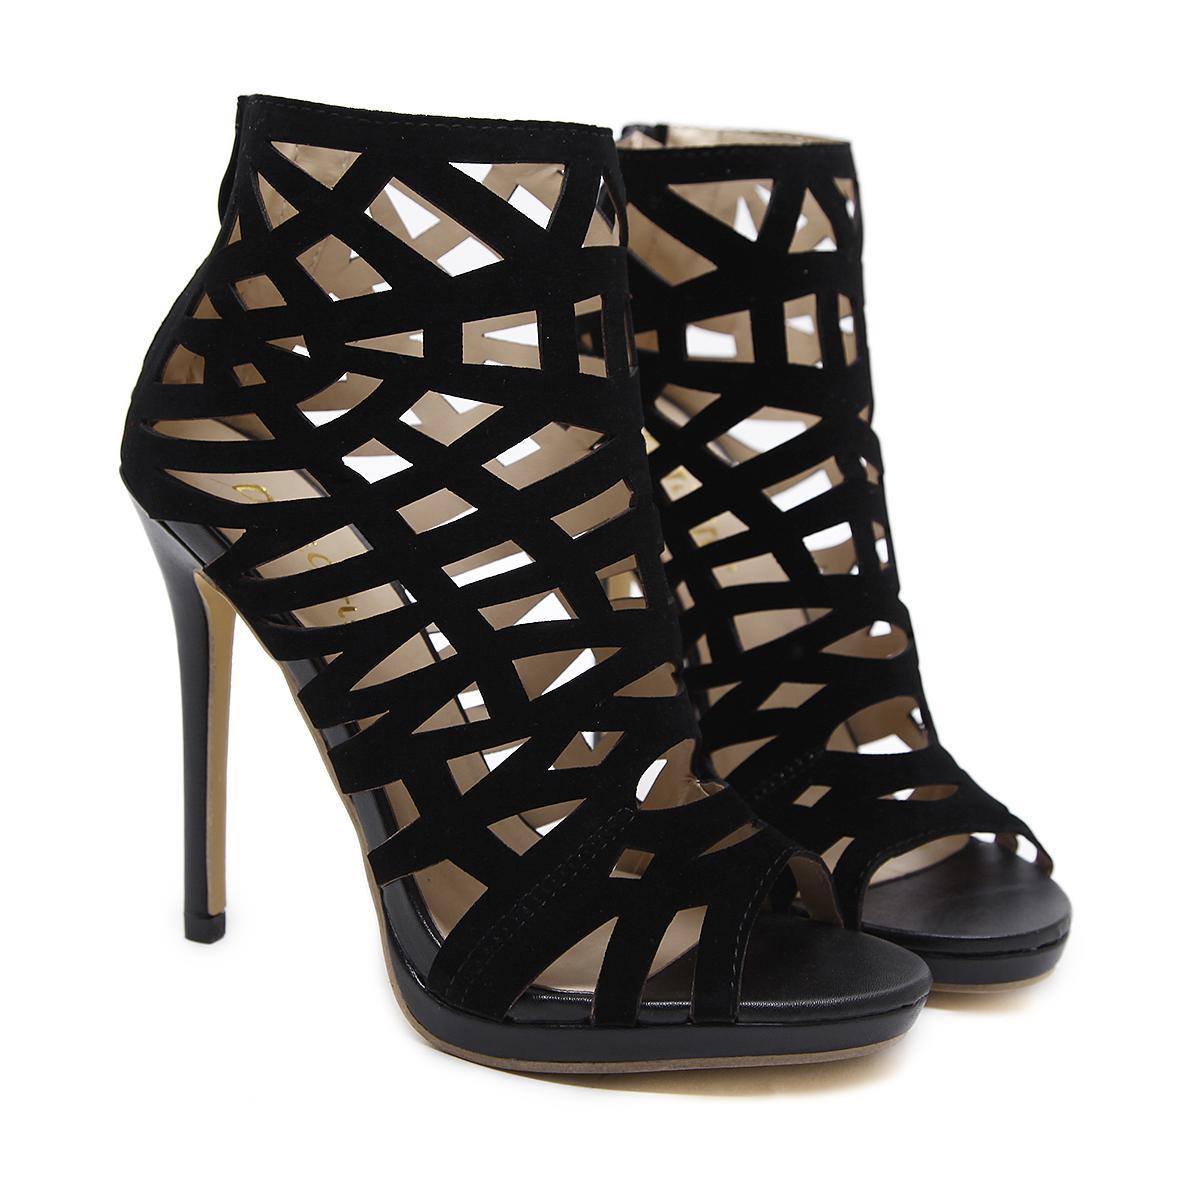 Size Nuevos Elegantes Para Las Del Tacones Moda Dedo Pie De Plus Abiertos Recortes Súper Mujeres Botas Zapatos Pairs Finos qpSMGLVzU